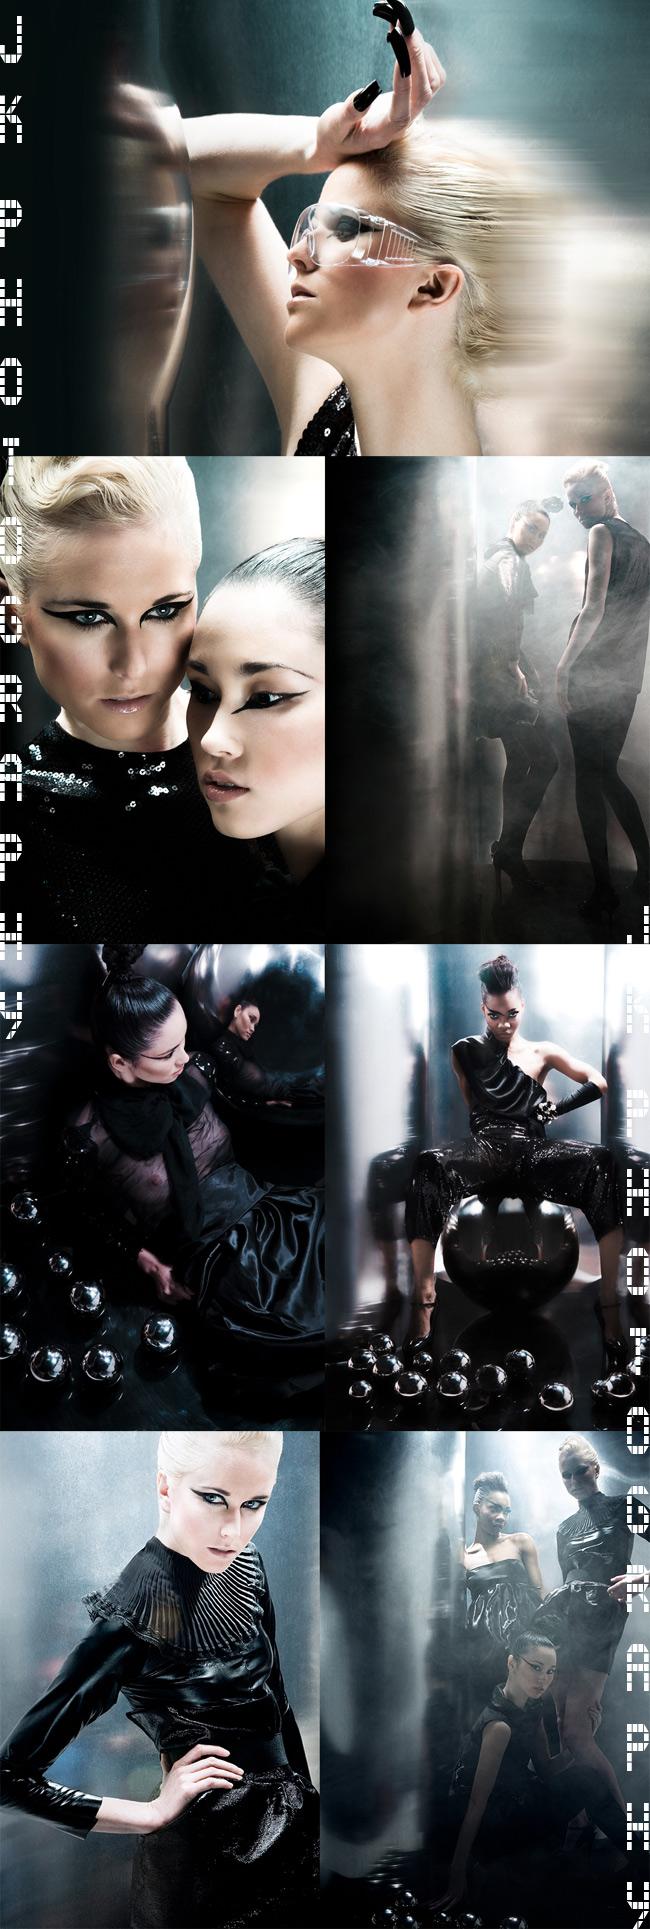 Apr 10, 2009 benaustarr makeup/hair&JK photography